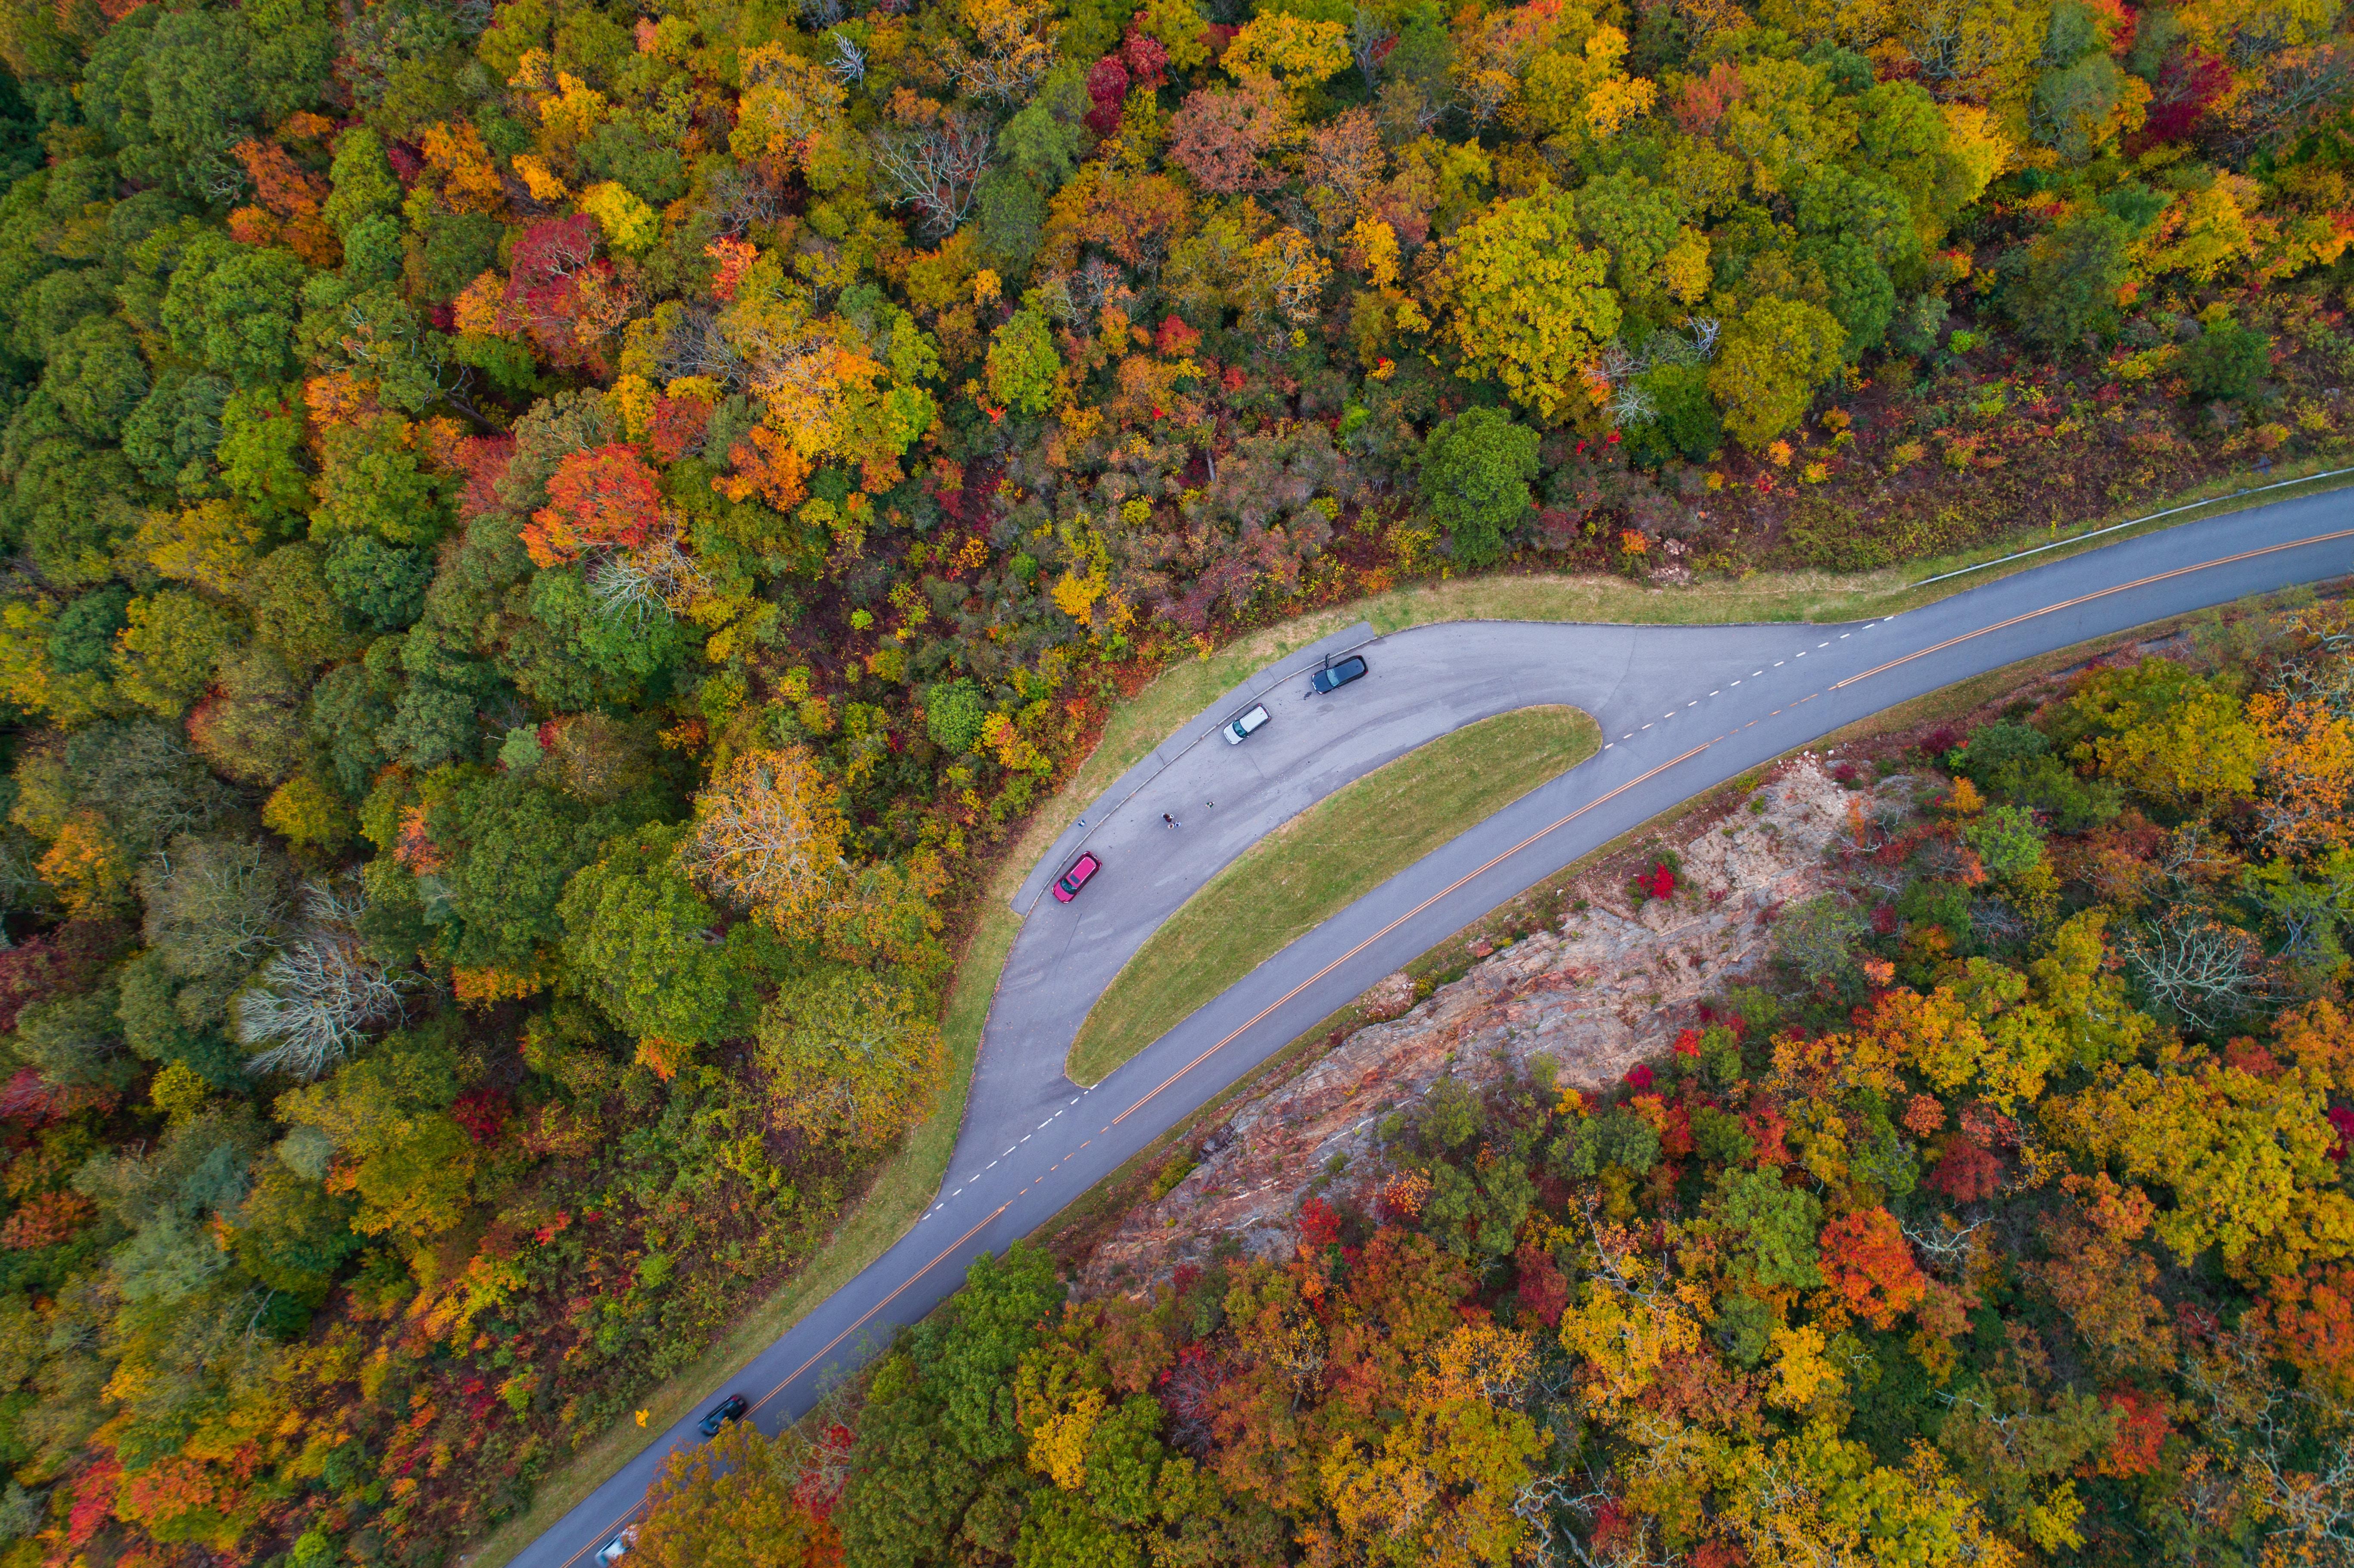 bird's-eye view of roadway between trees